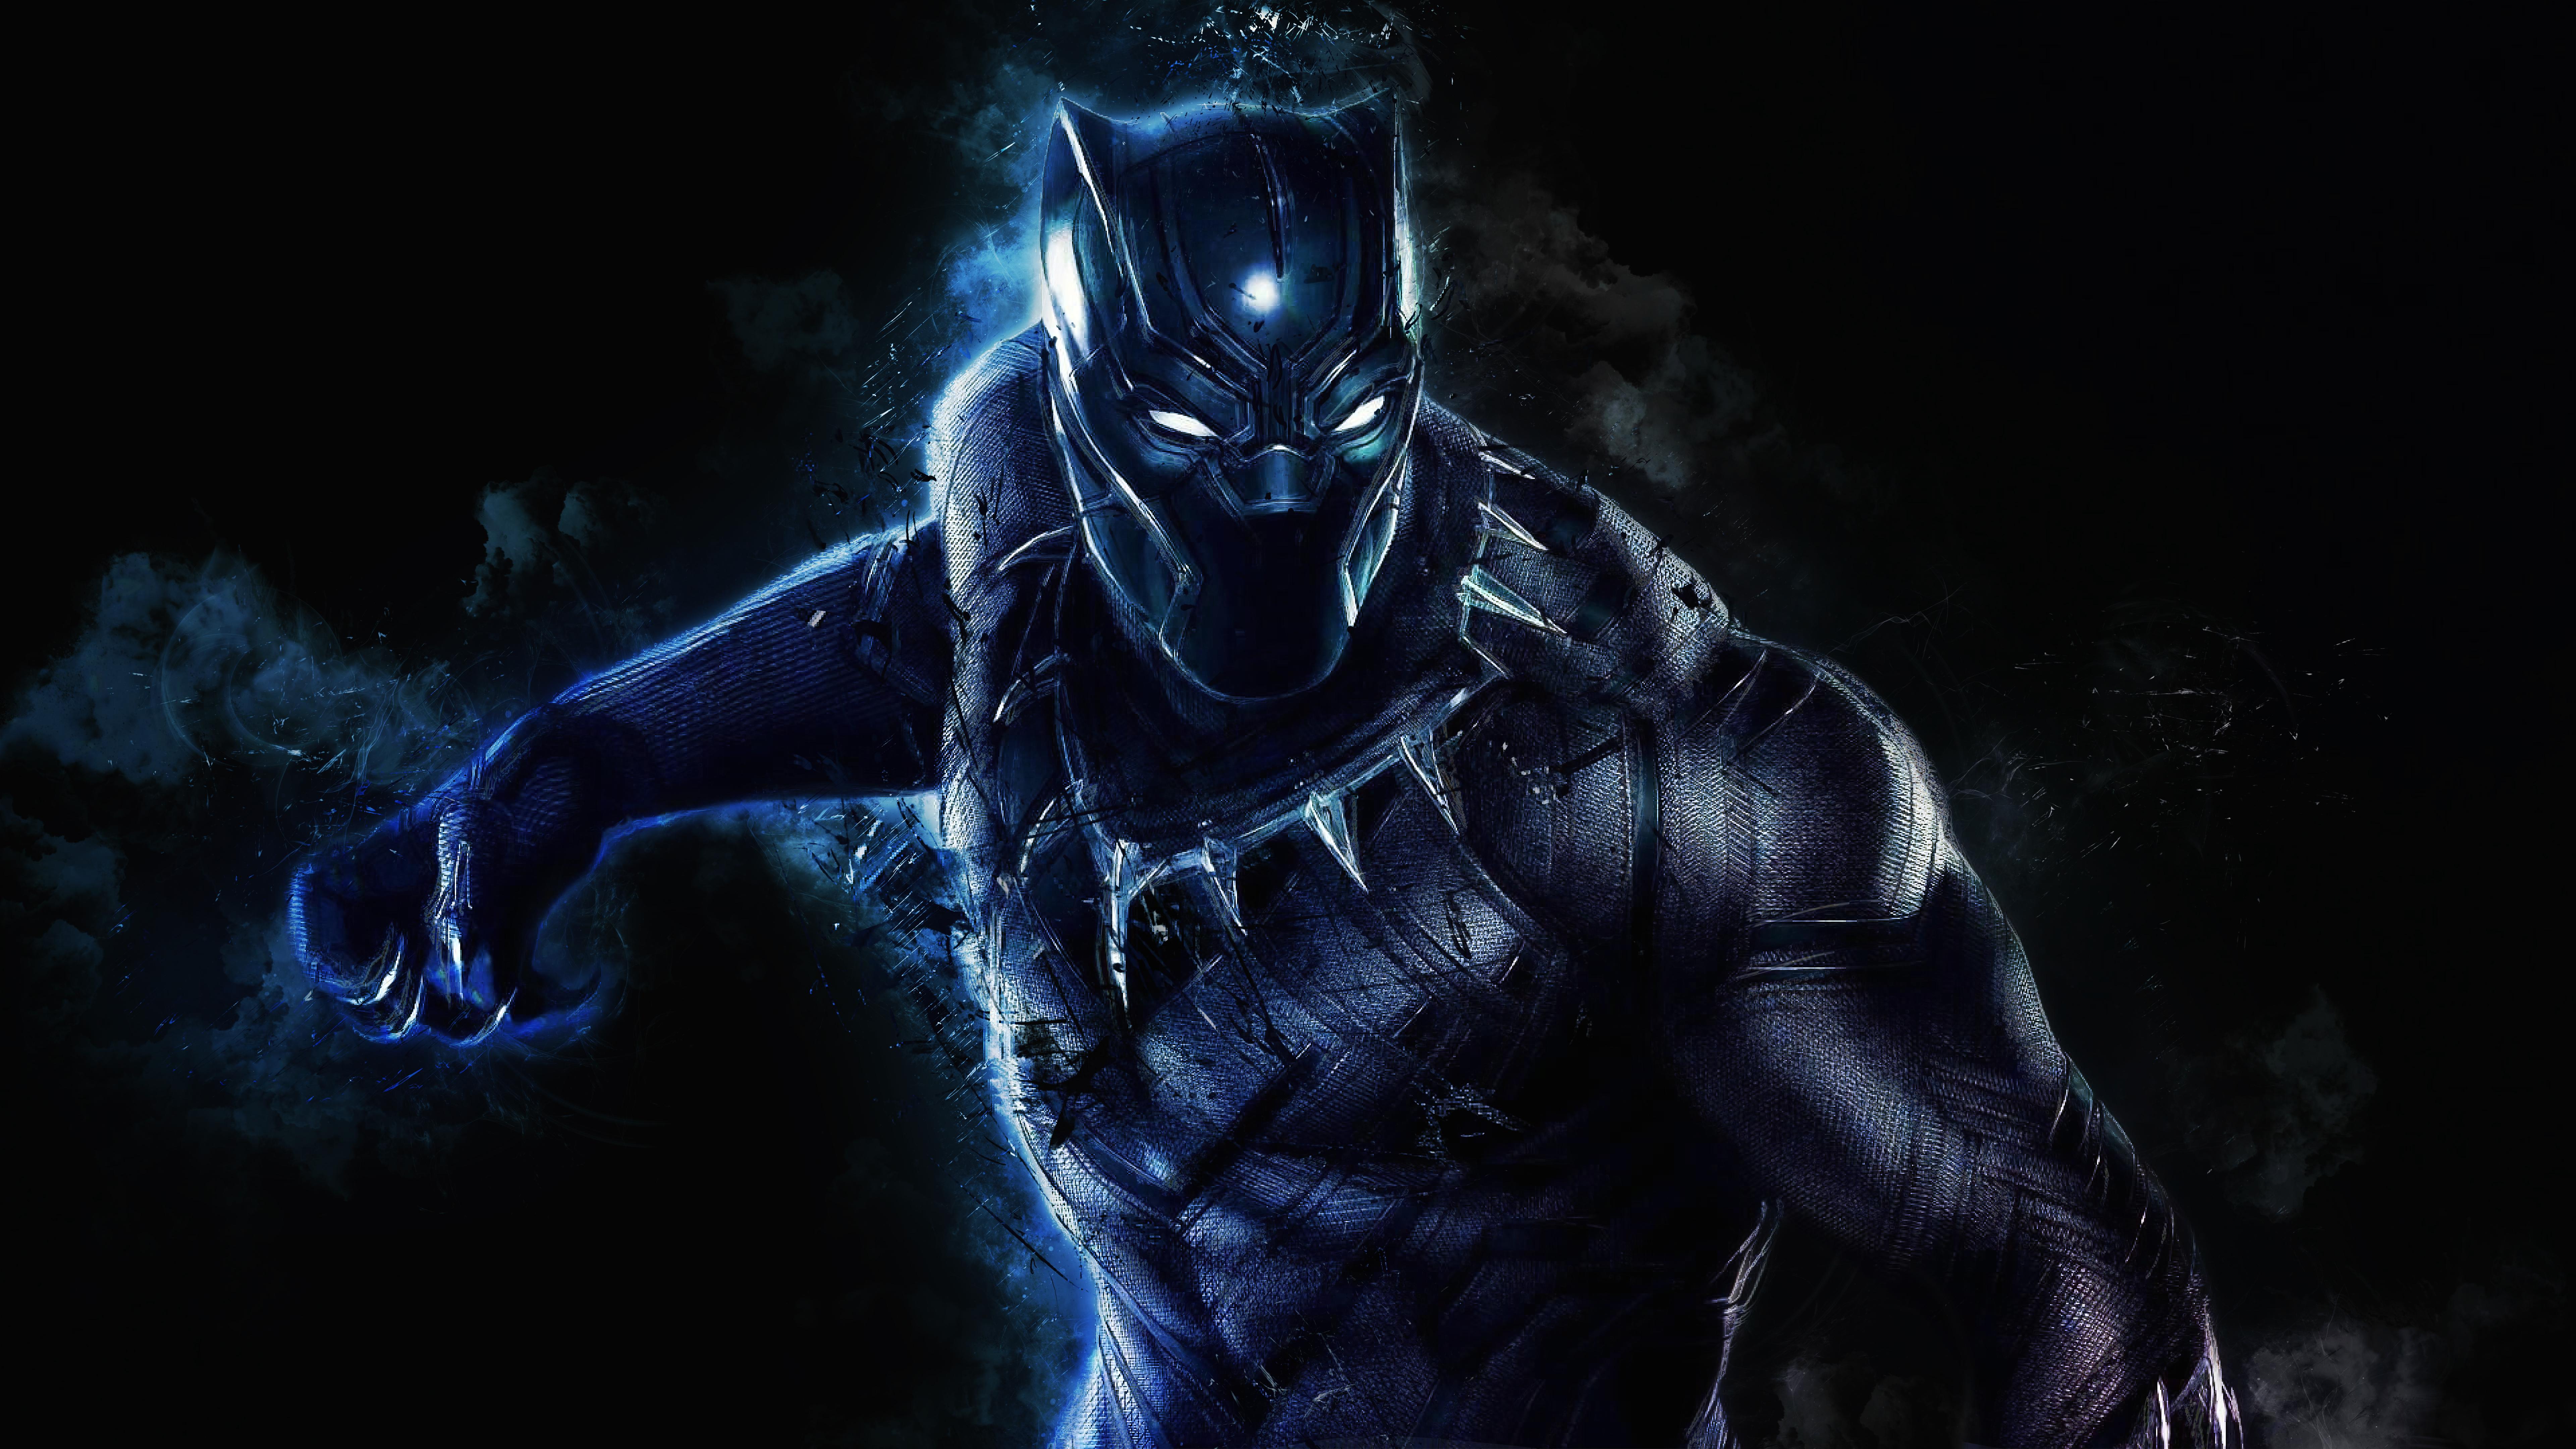 4K Black Panther Wallpaper HD 7680x4320